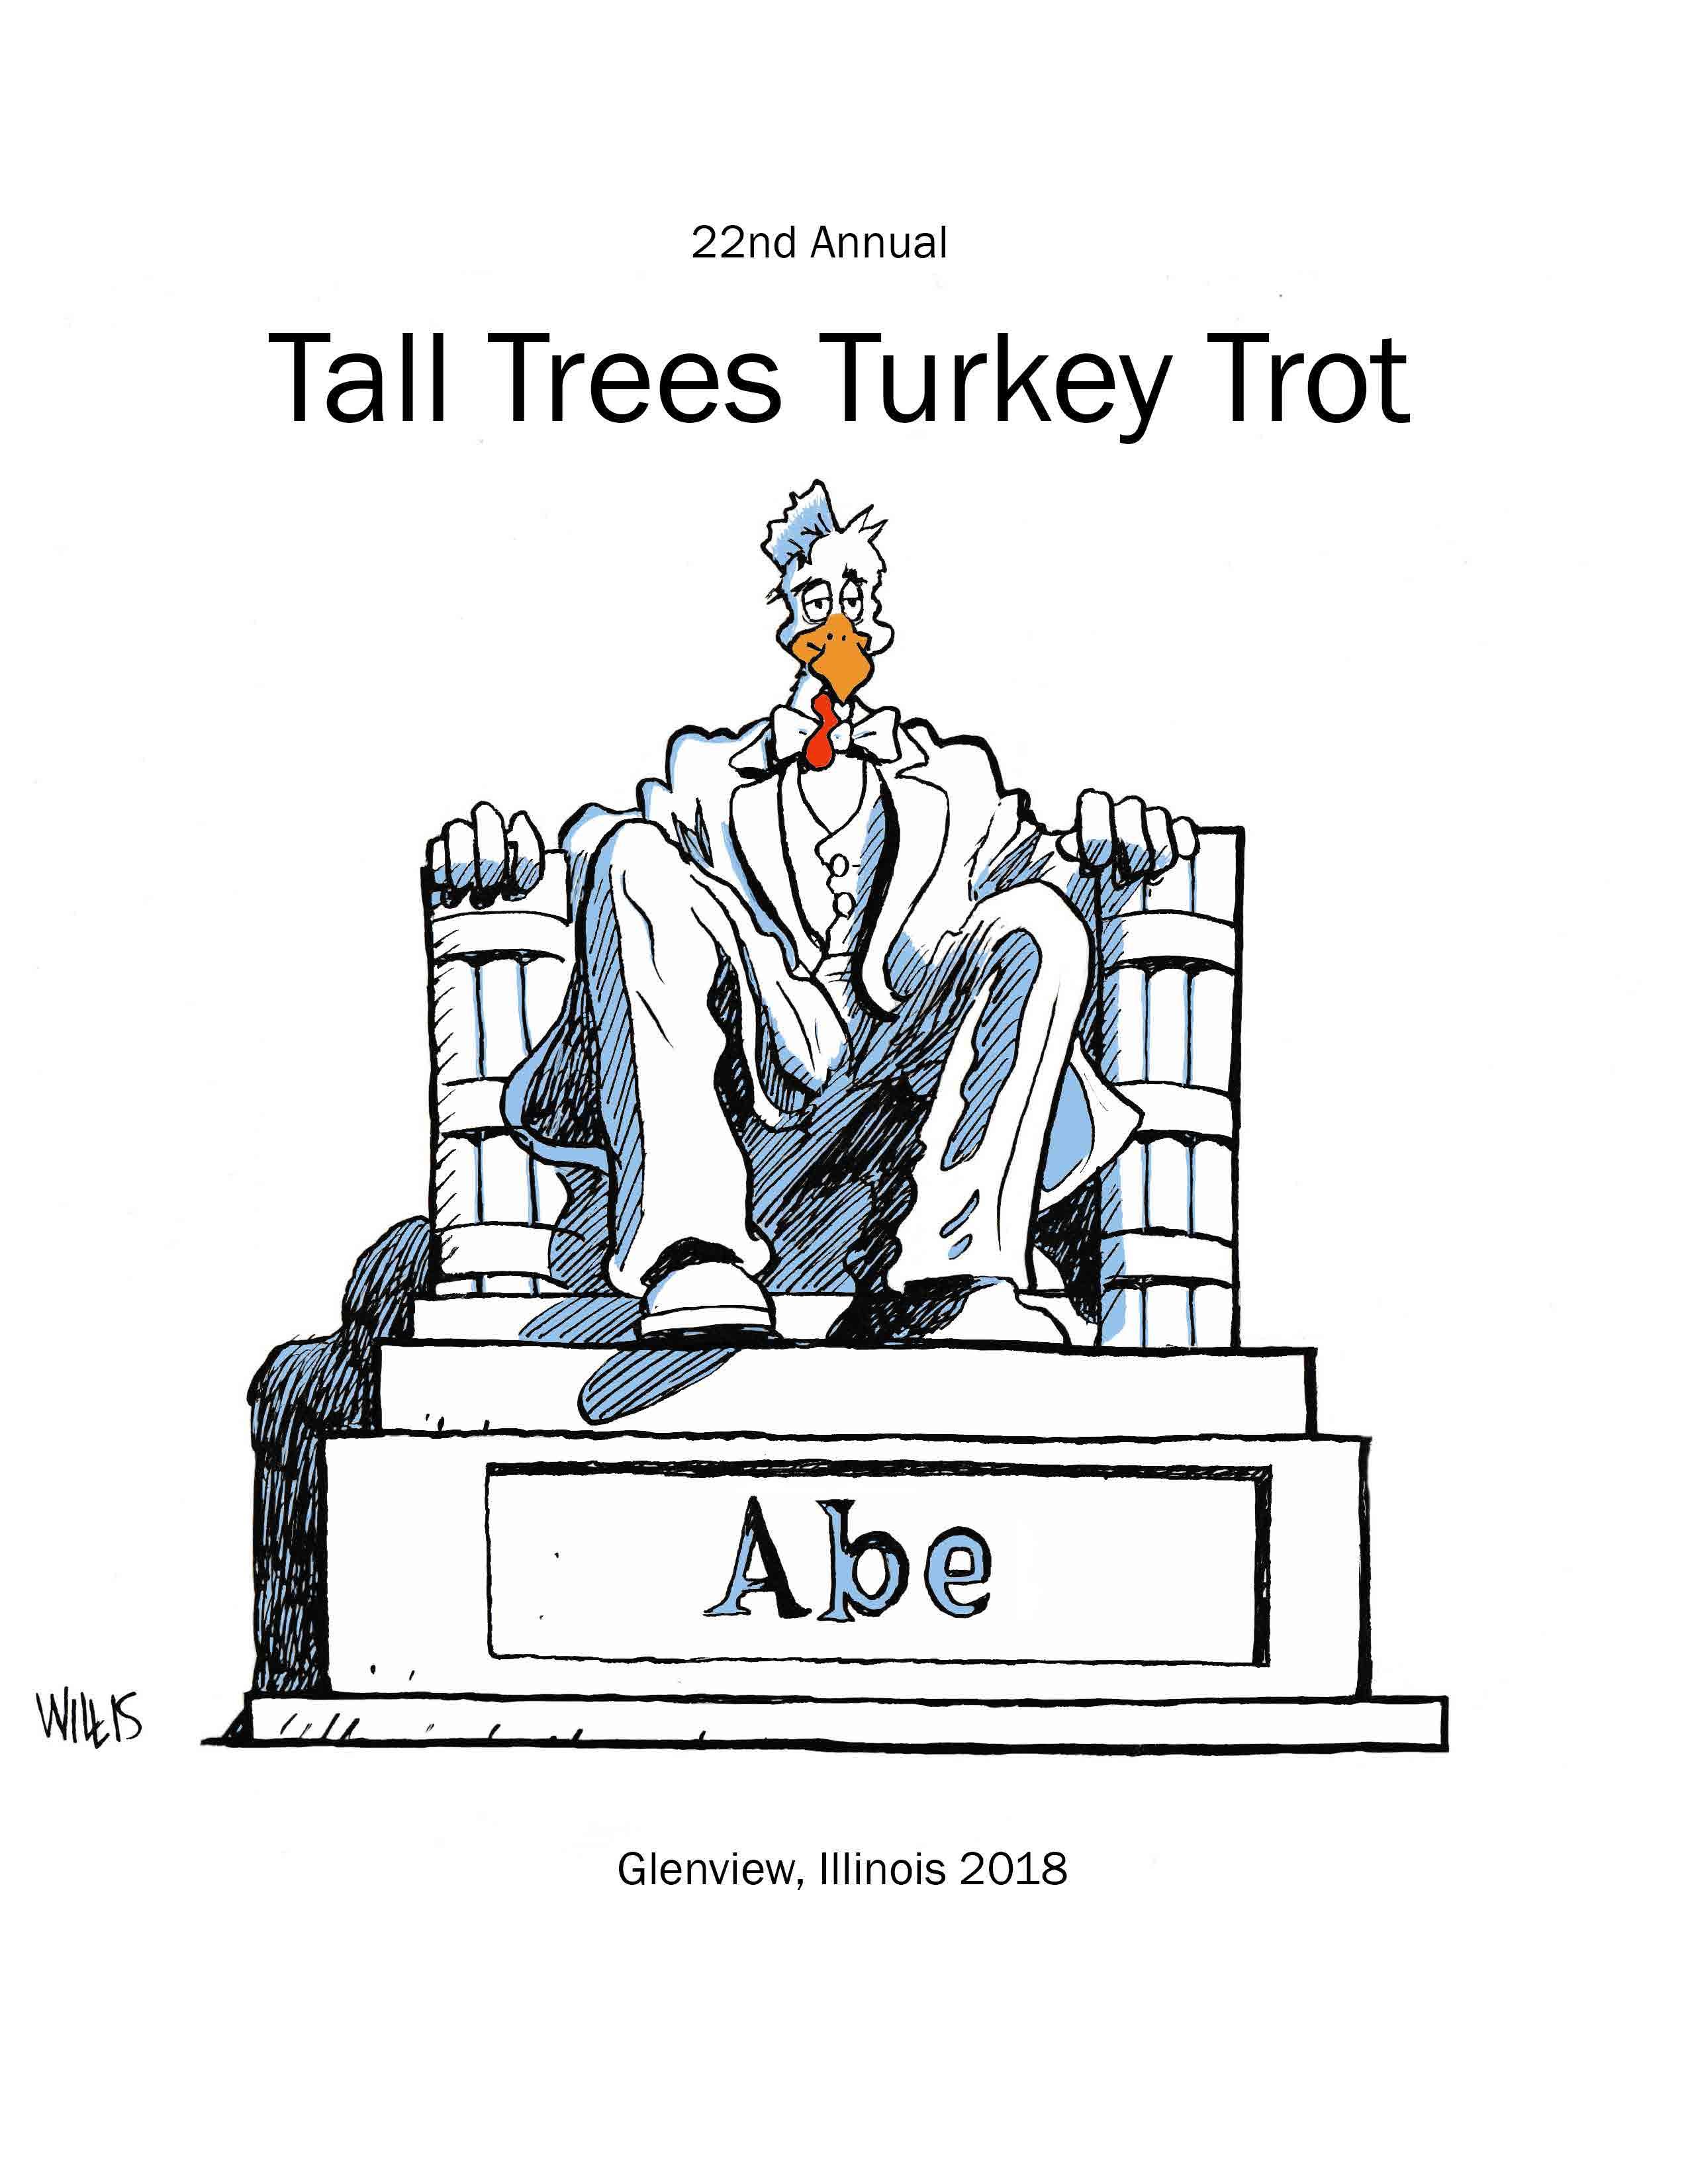 22ND ANNUAL TALL TREES TURKEY TROT